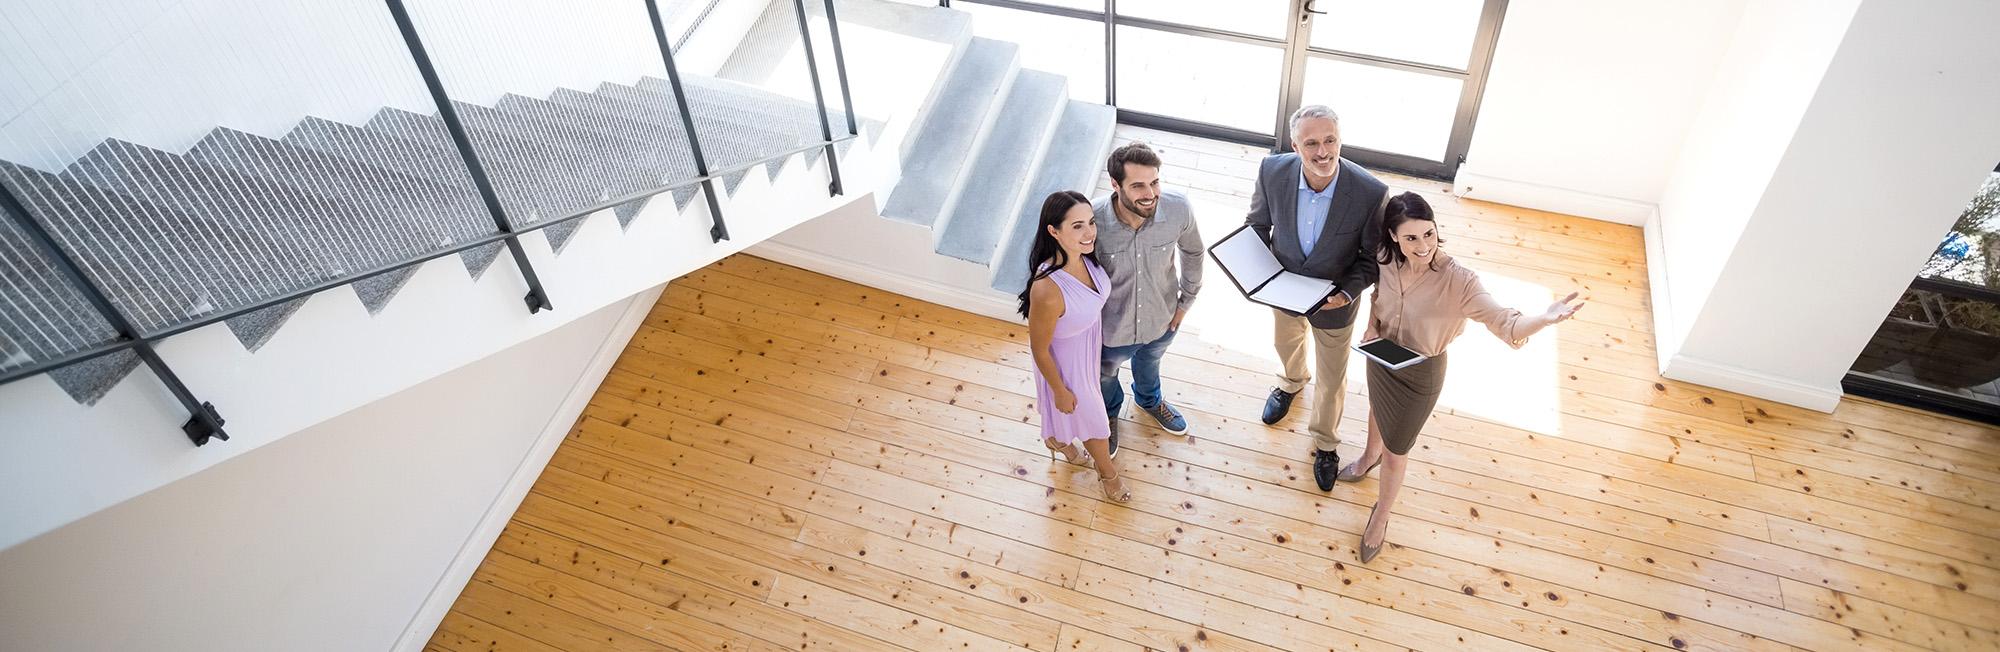 Filosofía del servicio del Personal Shopper Inmobiliario